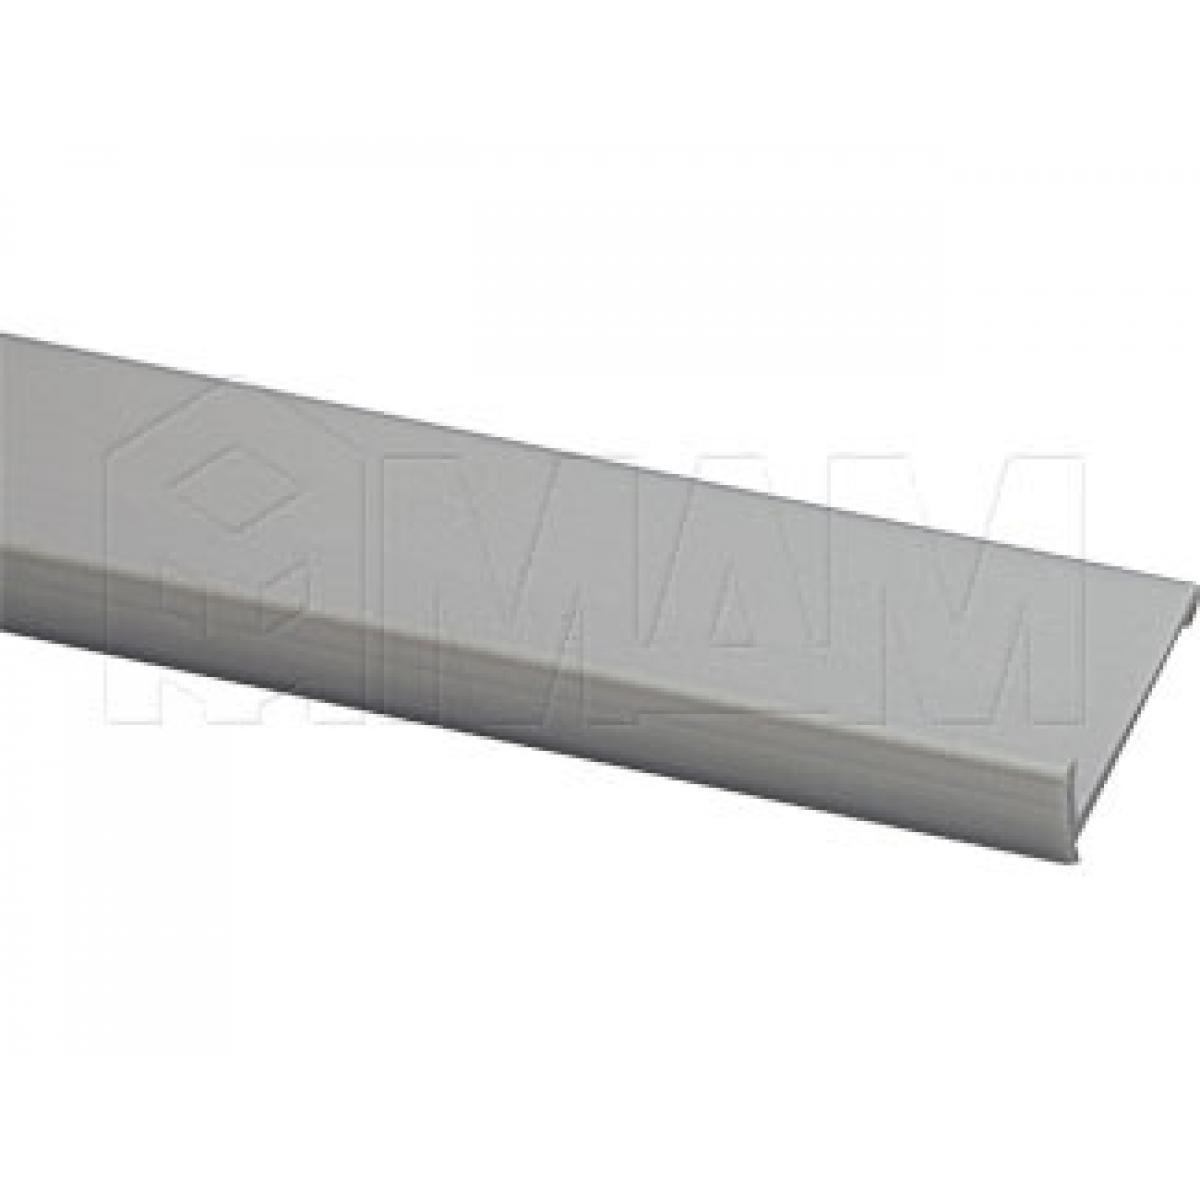 Декоративный профиль для 3708 и 2061, с ручкой, серебро, L-2600